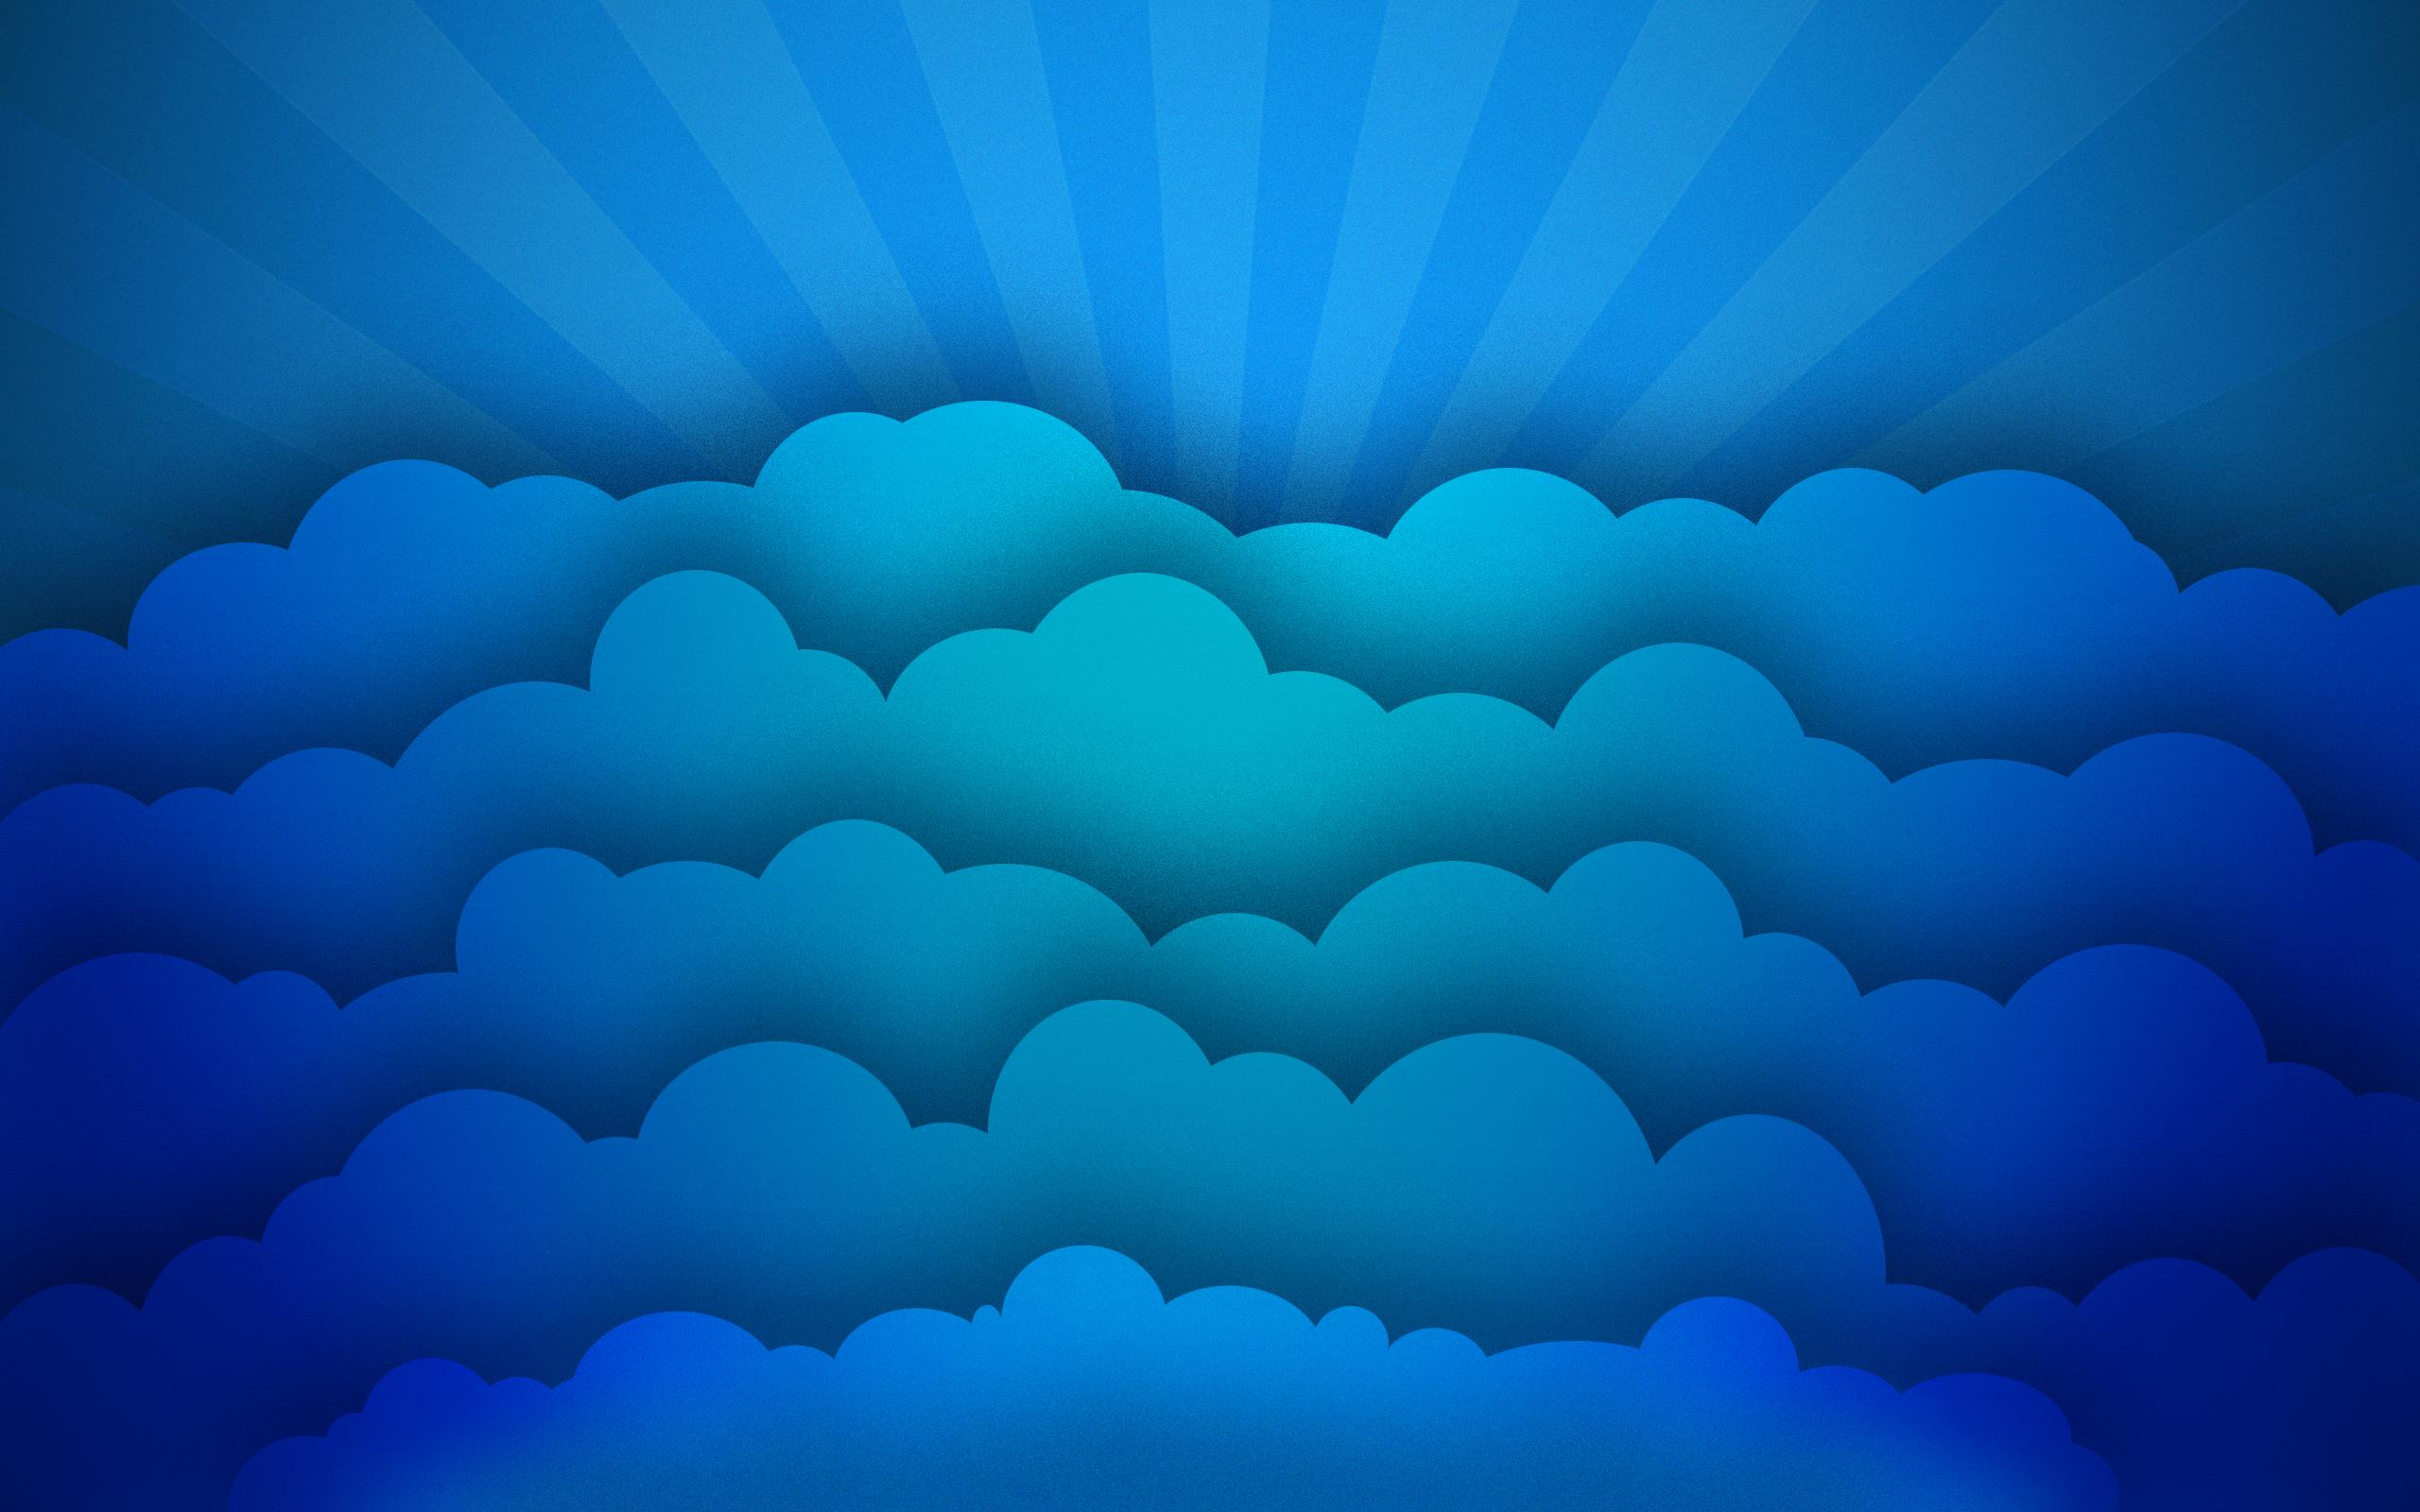 cloud wallpaper by artflip co on deviantart